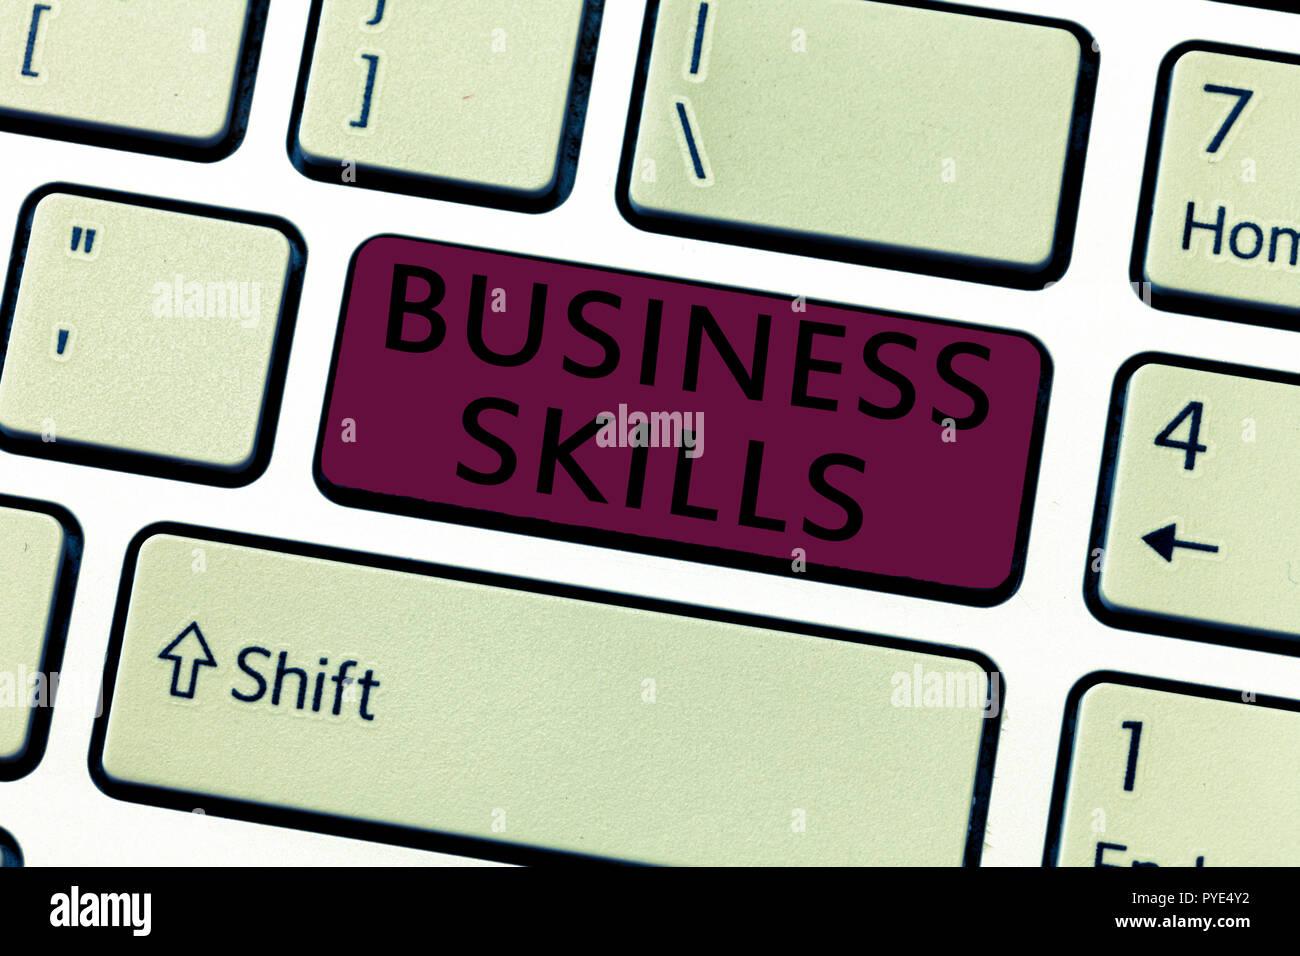 Escritura de texto Word conocimientos empresariales. Concepto de negocio para una capacidad para adquirir esfuerzo sistemático de funciones de trabajo. Imagen De Stock